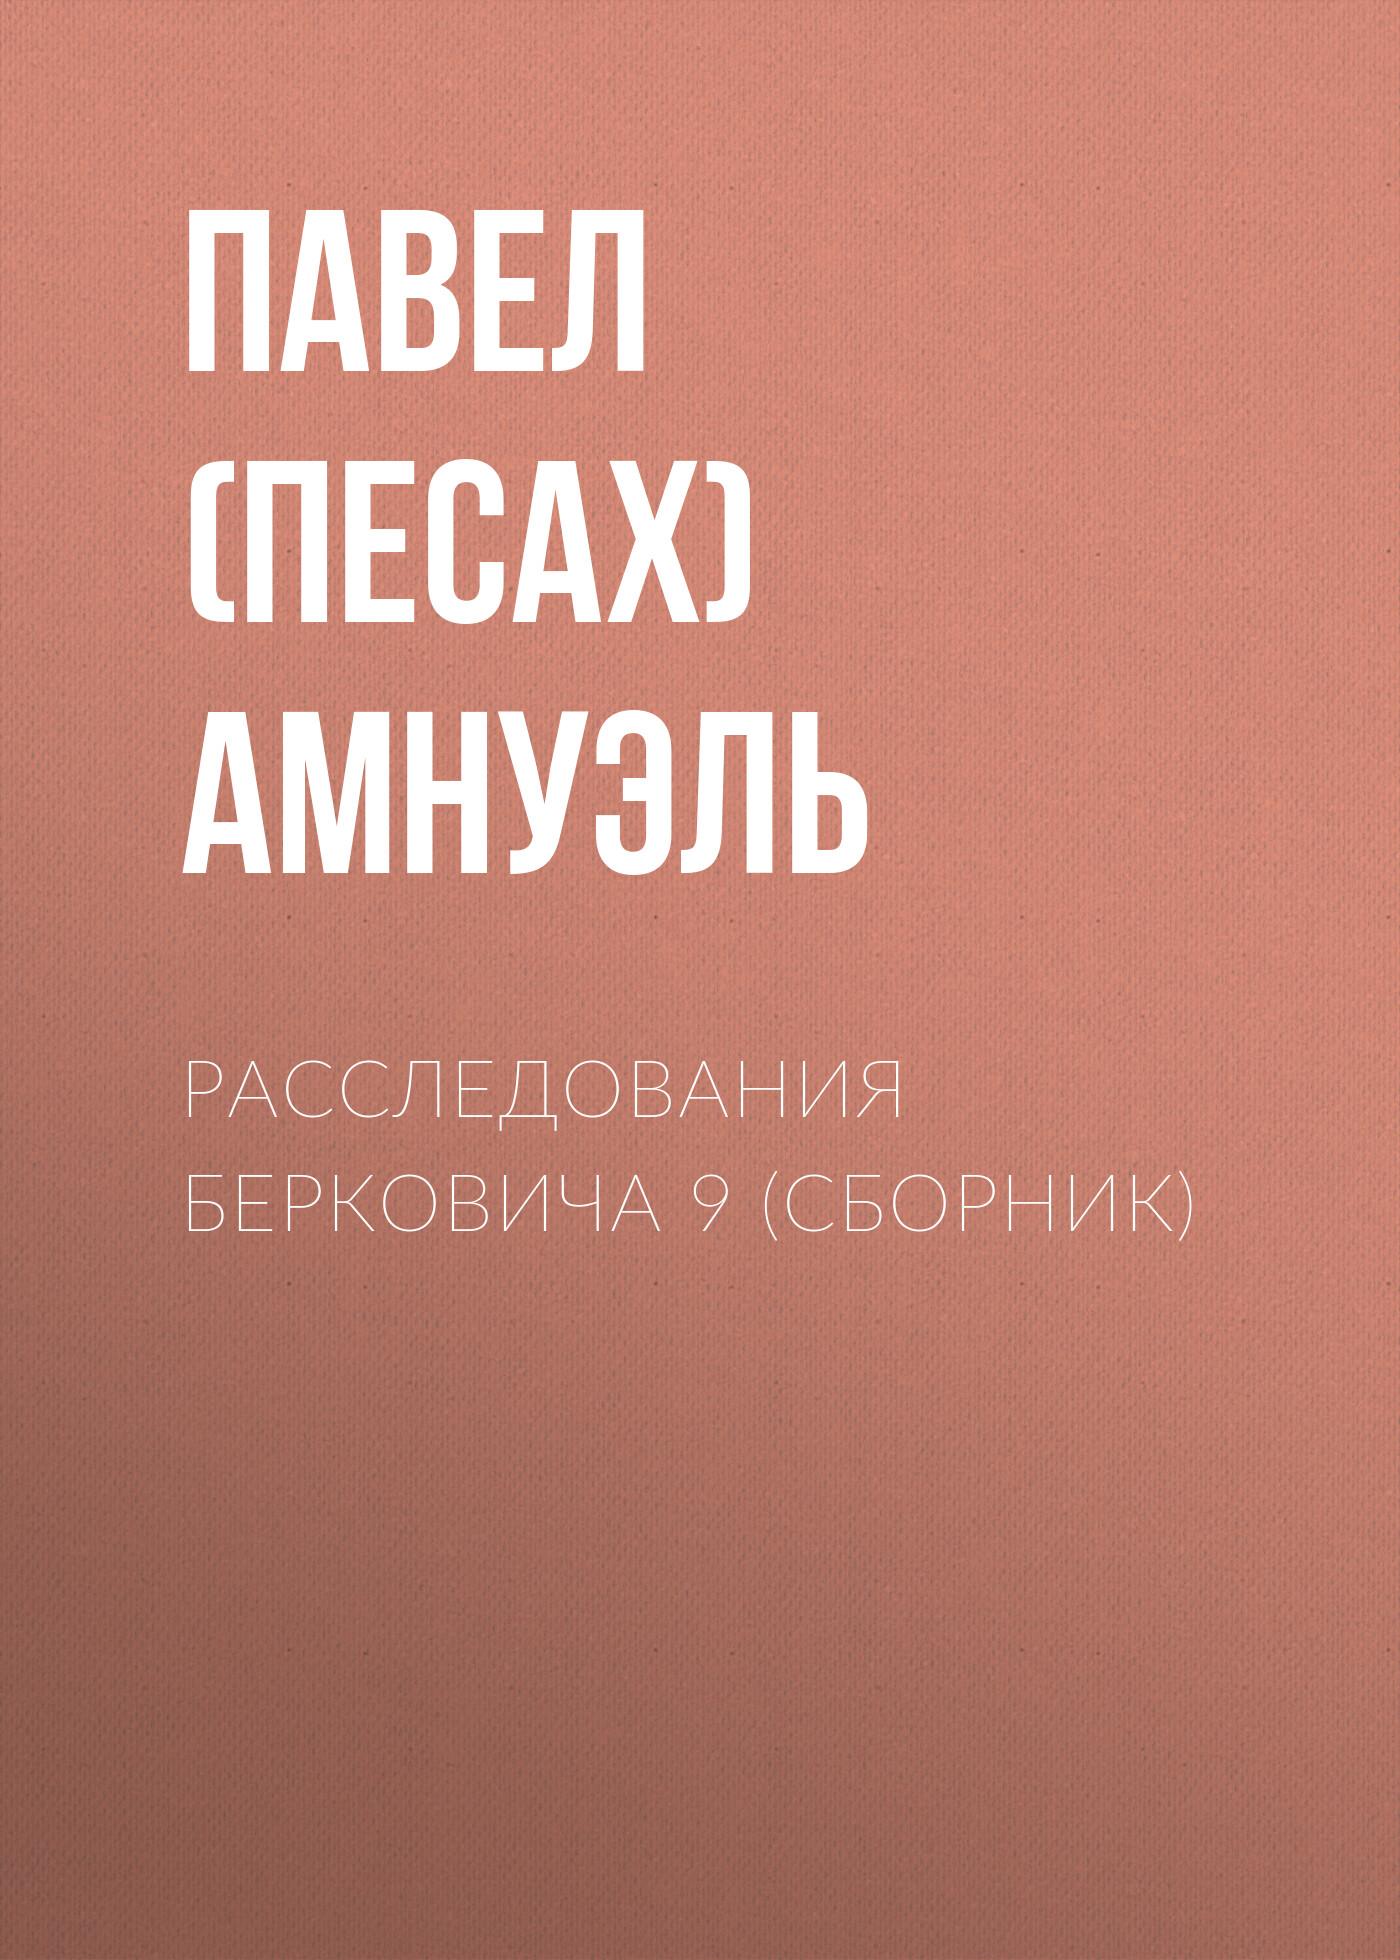 rassledovaniya berkovicha 9 sbornik